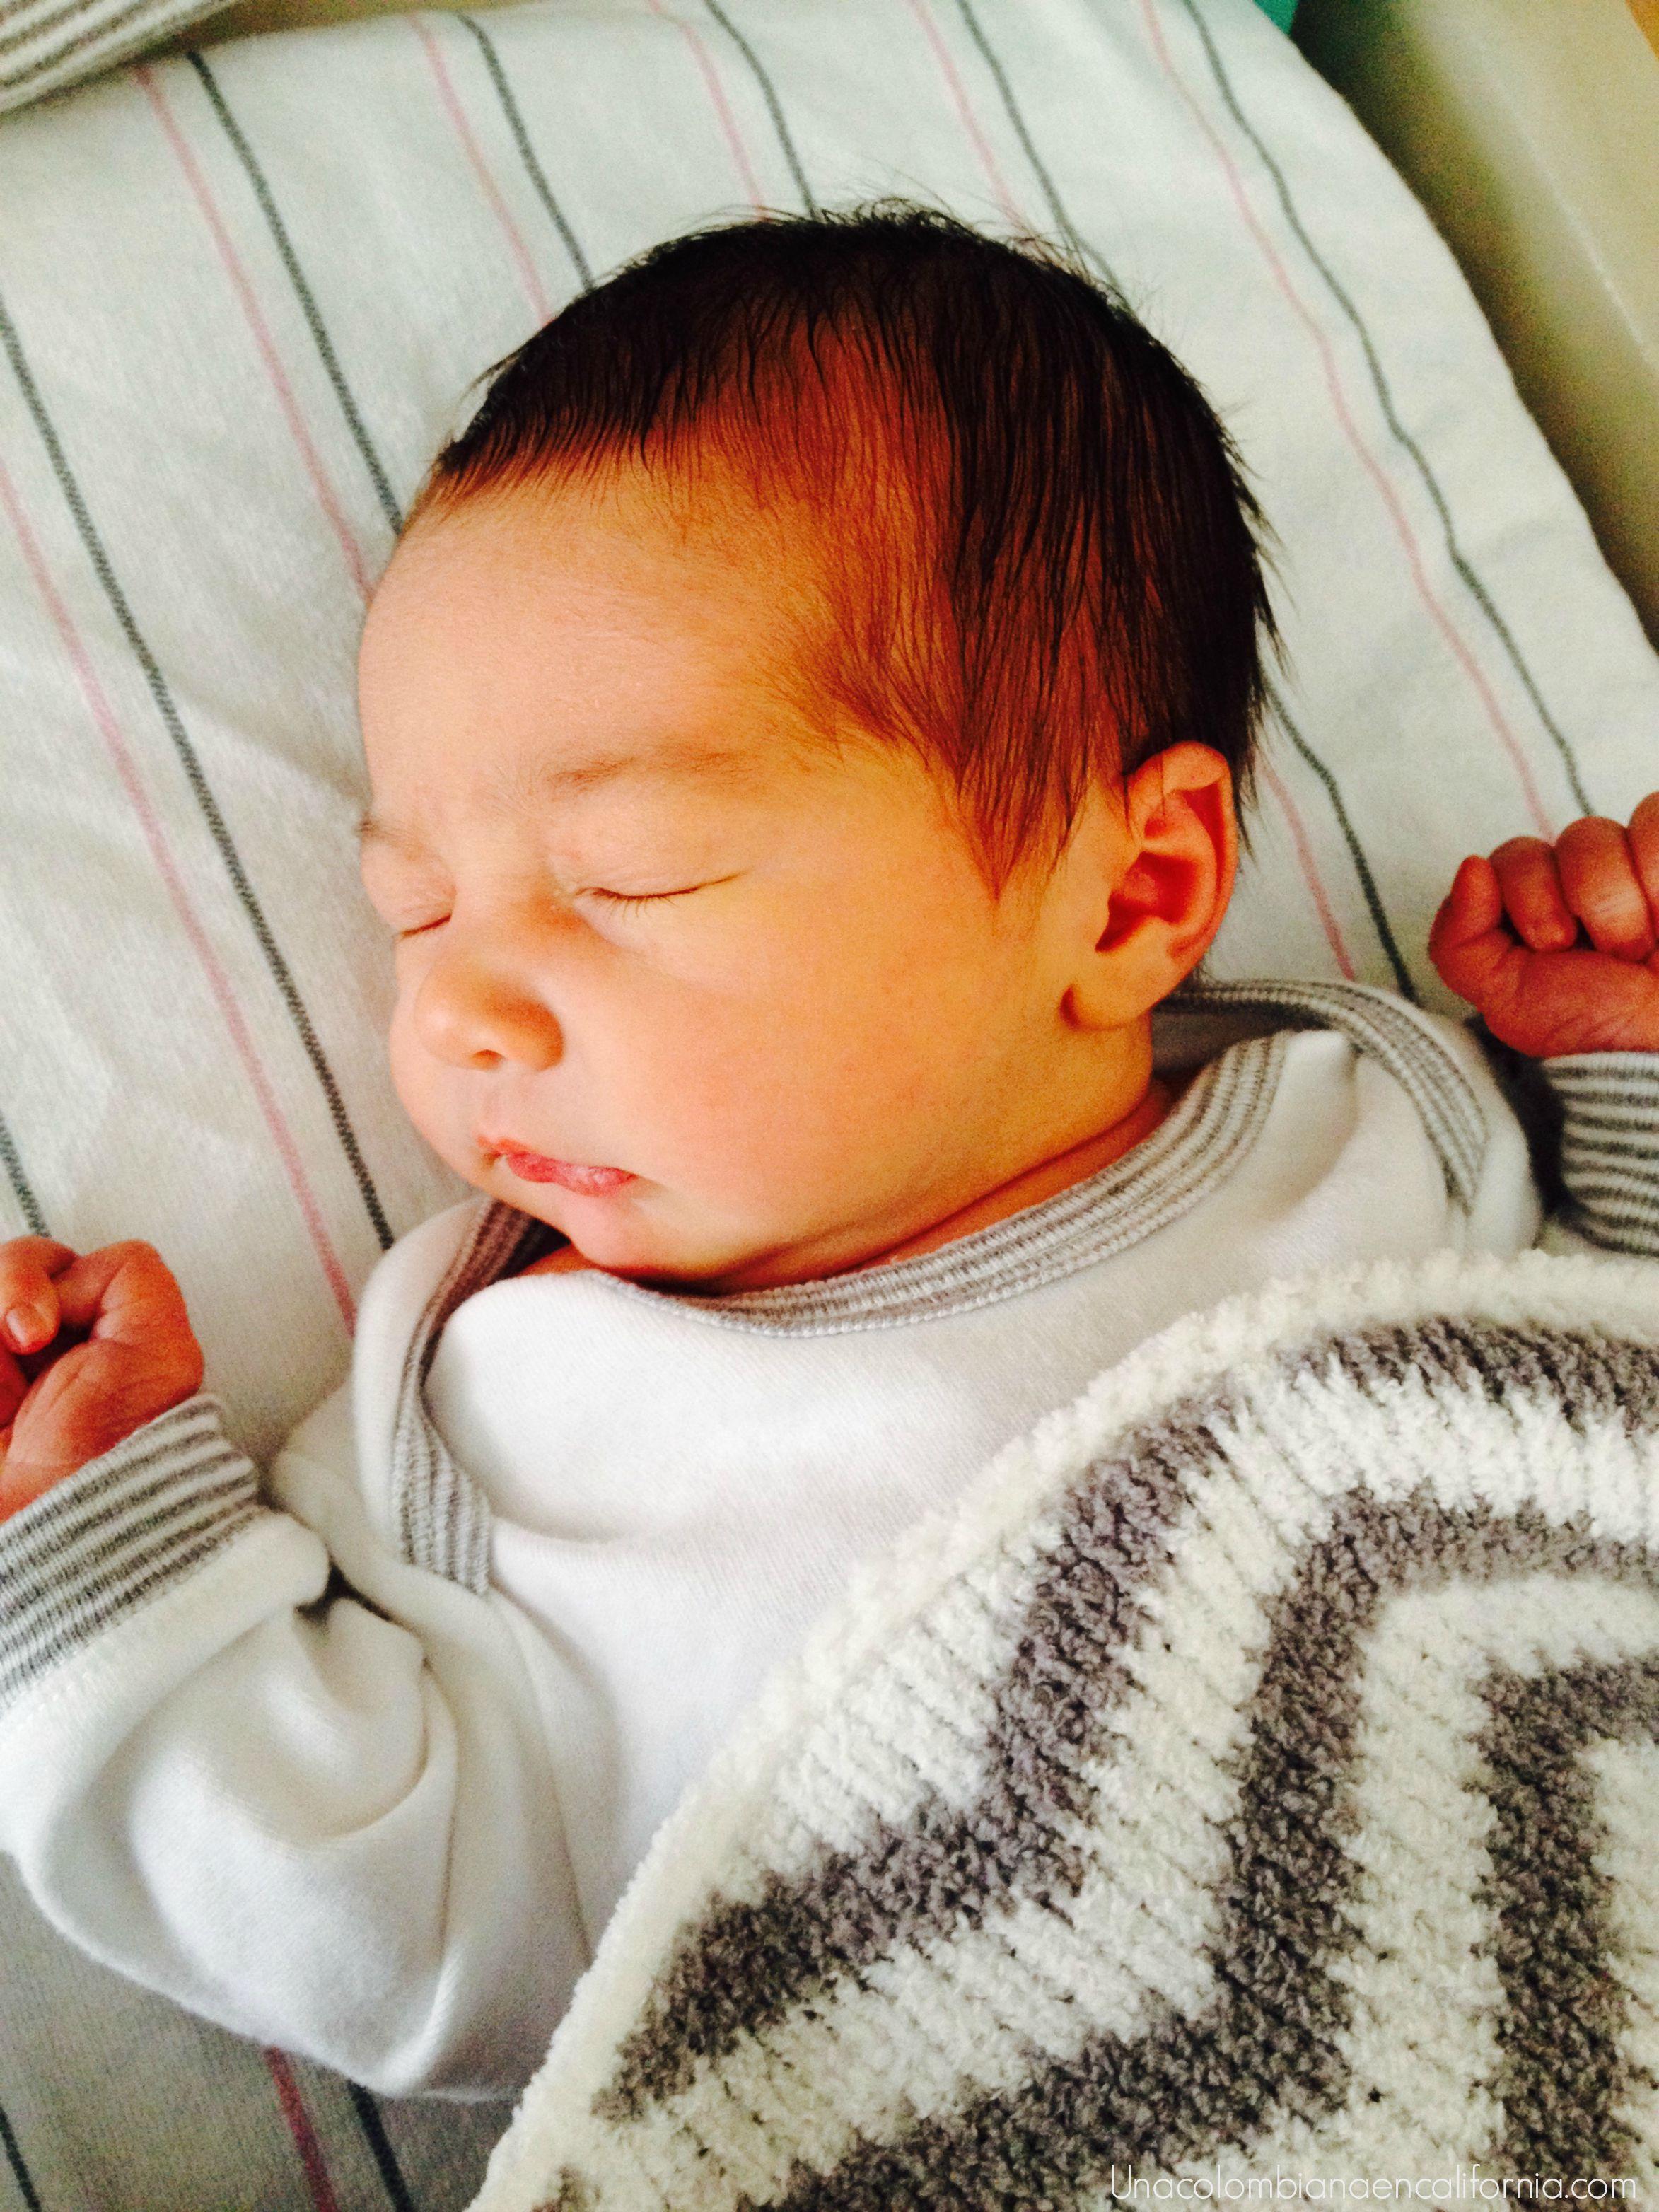 Baby Ethan UnacolombianaenCalifornia.com